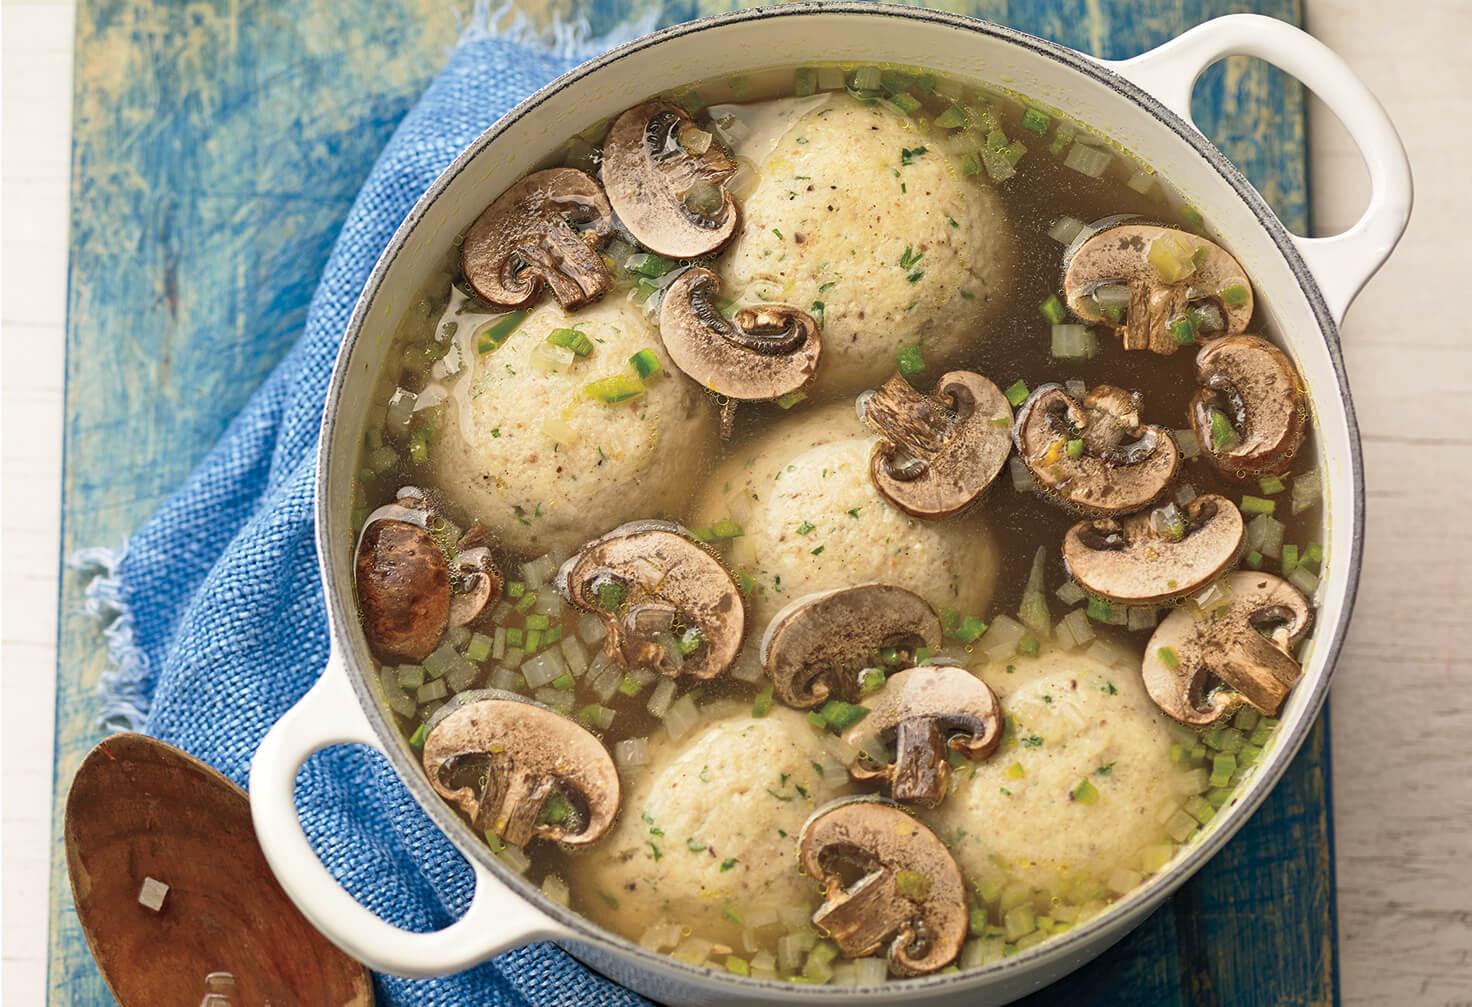 pati jinich mushroom jalapeno matzo ball soup